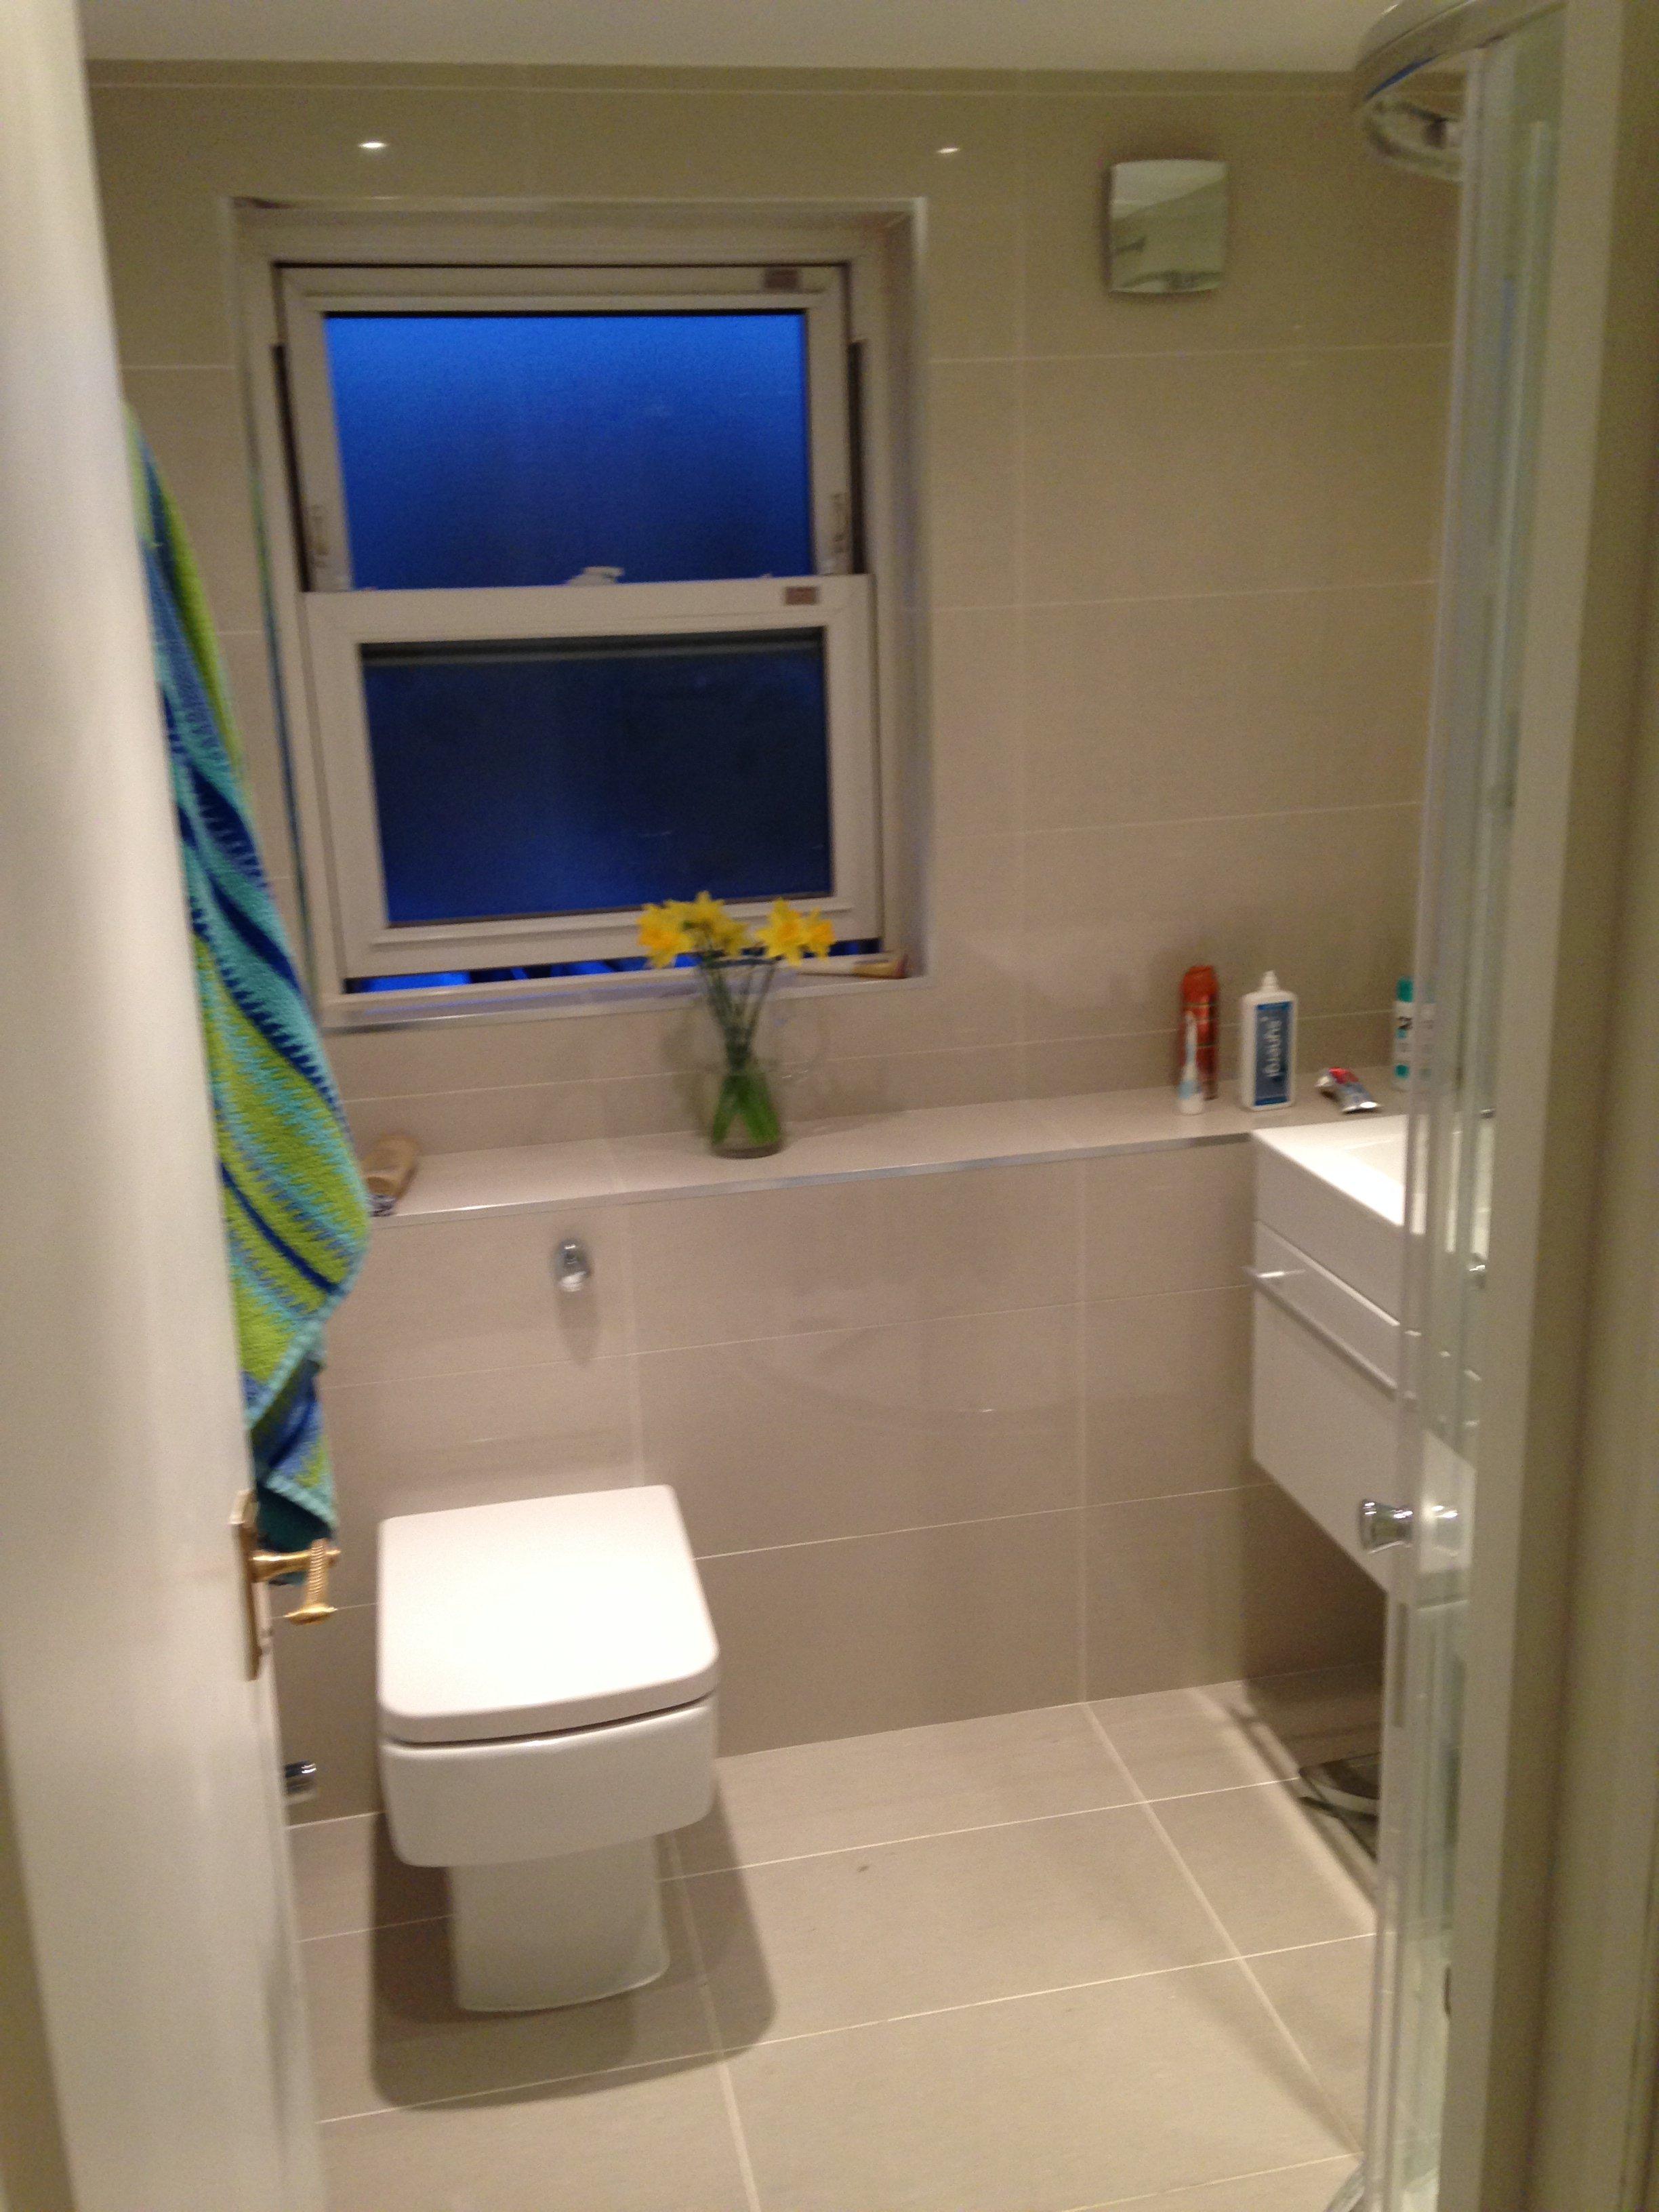 Repaired bathroom fittings